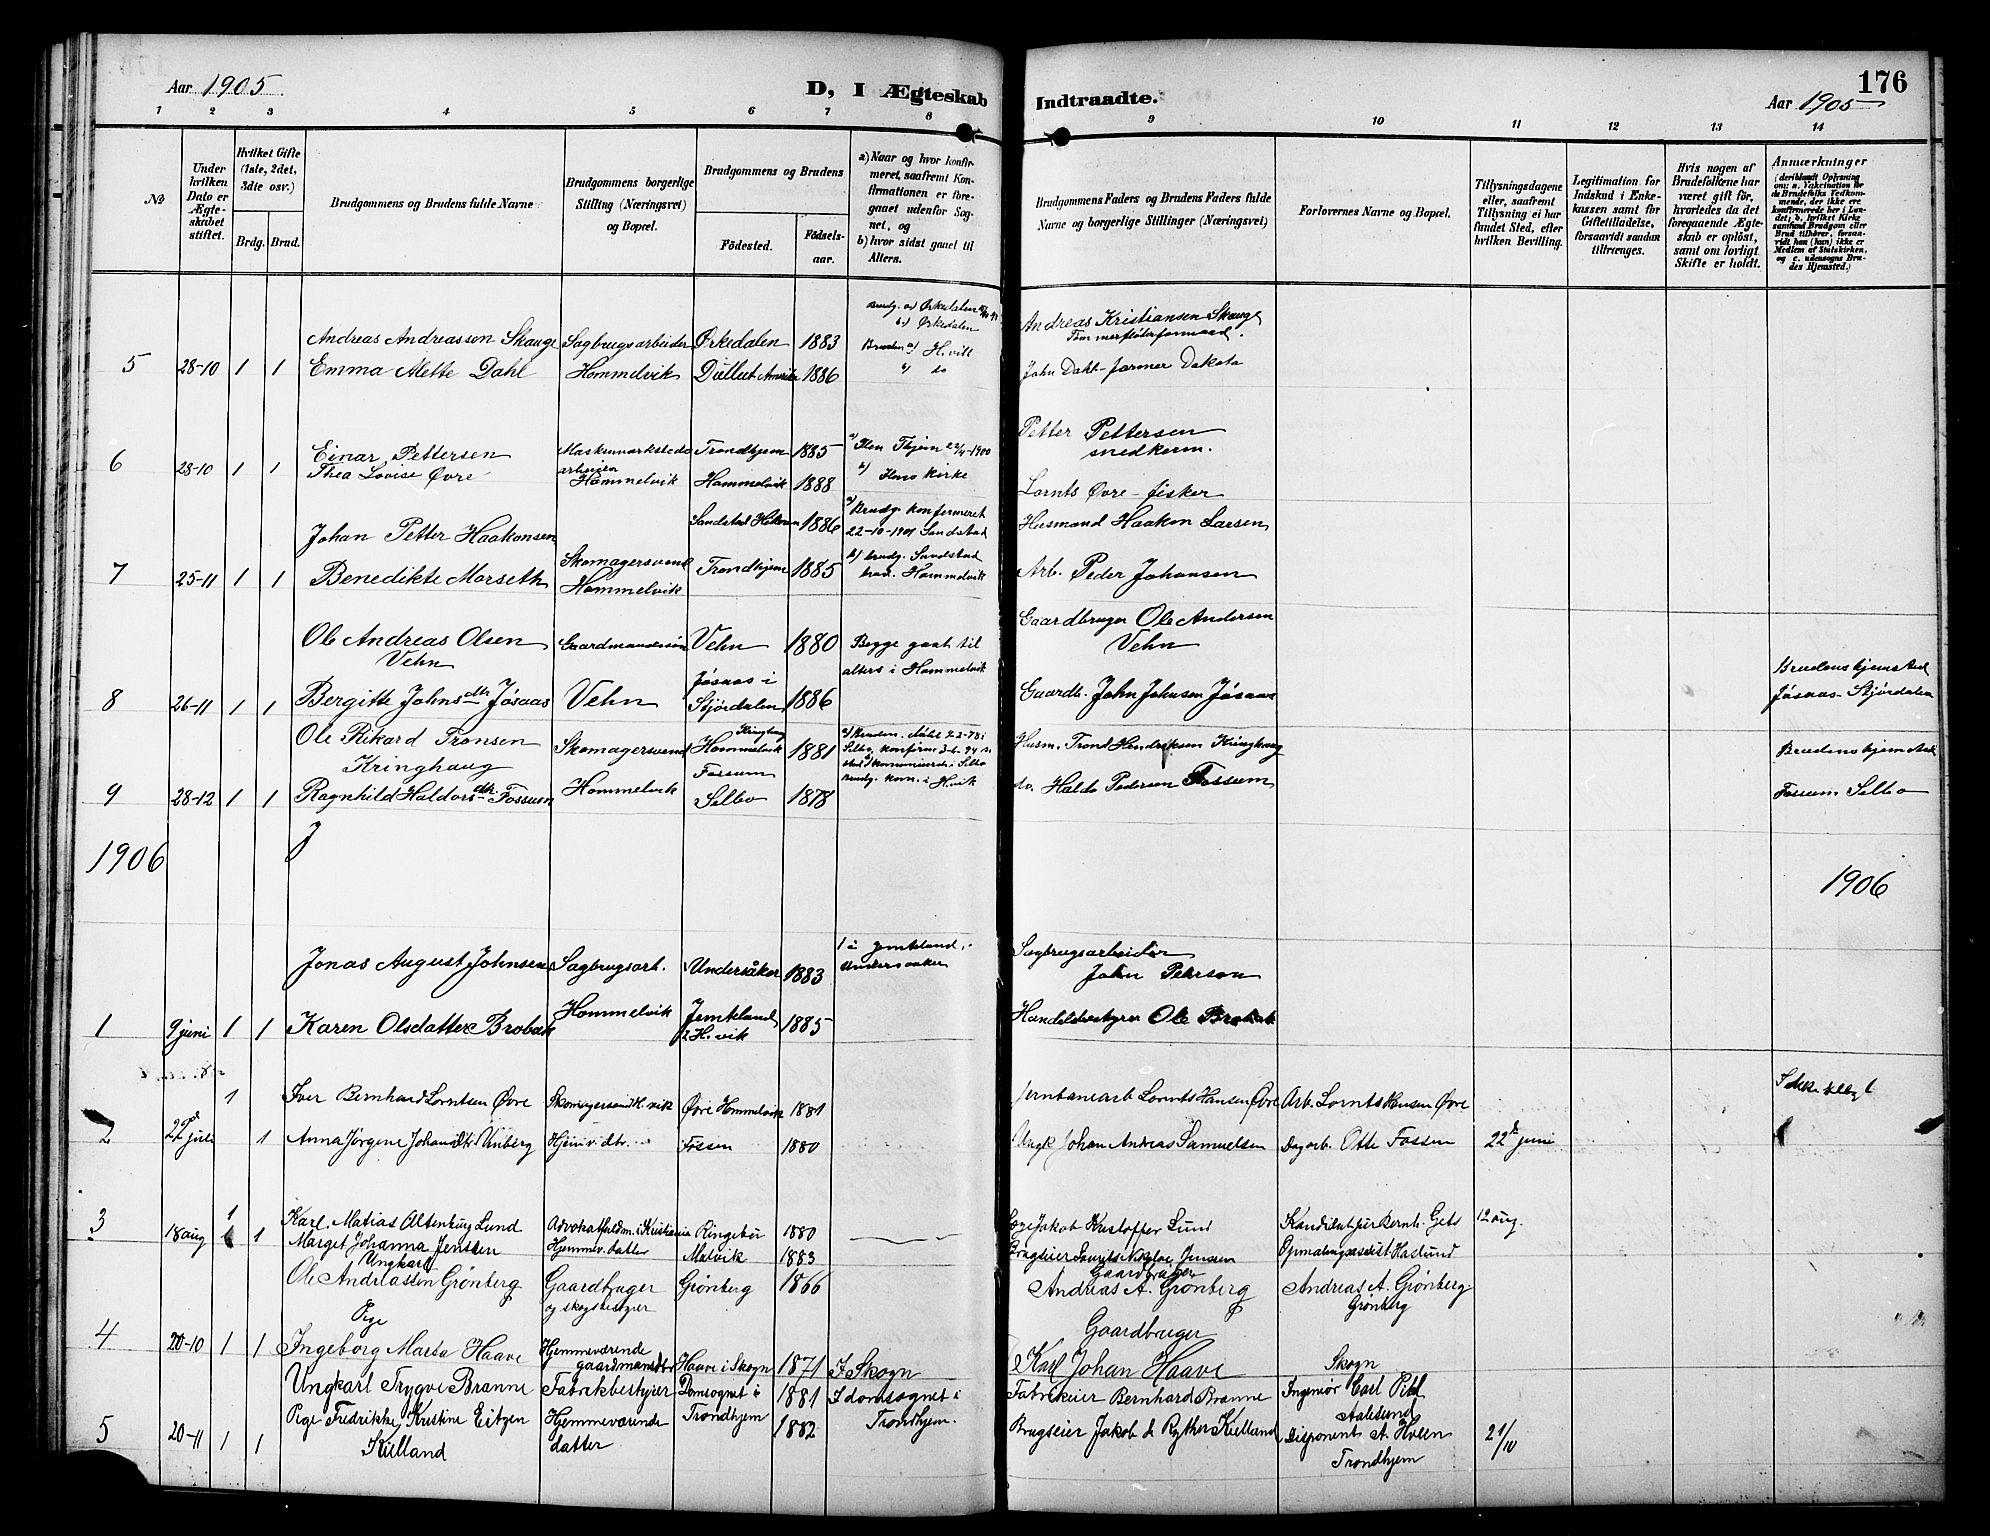 SAT, Ministerialprotokoller, klokkerbøker og fødselsregistre - Sør-Trøndelag, 617/L0431: Klokkerbok nr. 617C01, 1889-1910, s. 176